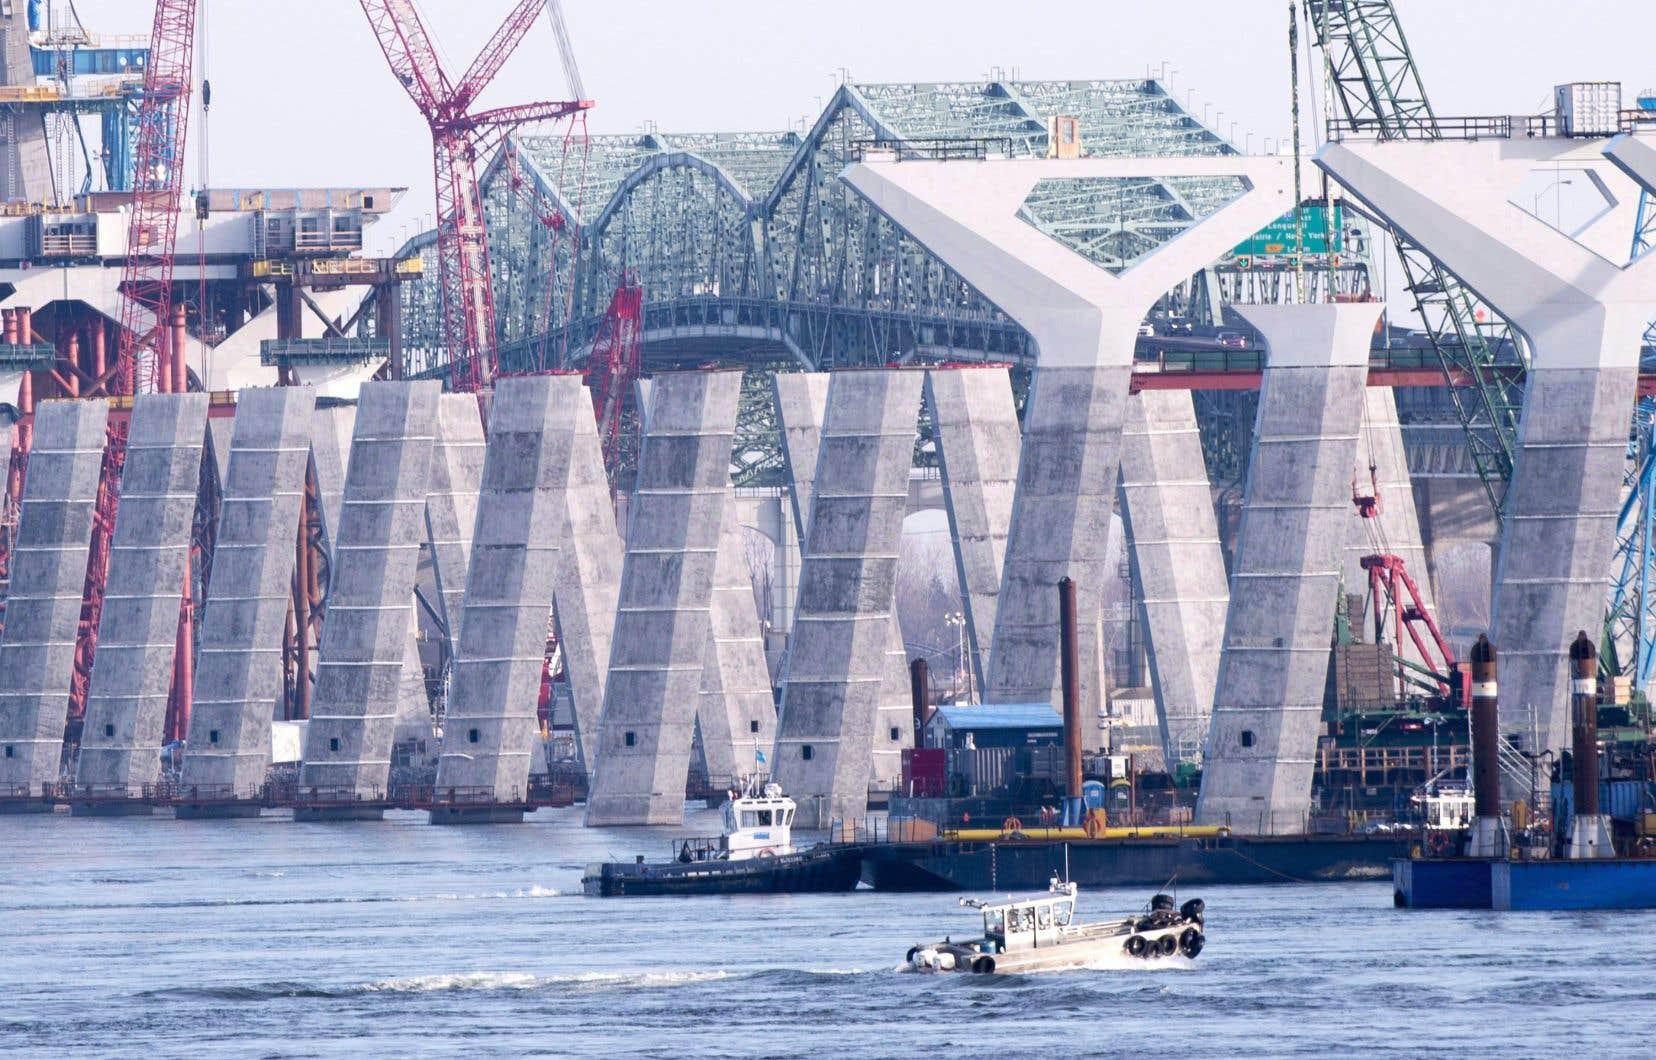 La nouvelle structure enjambant le fleuve Saint-Laurent doit être livrée le 21 décembre prochain.